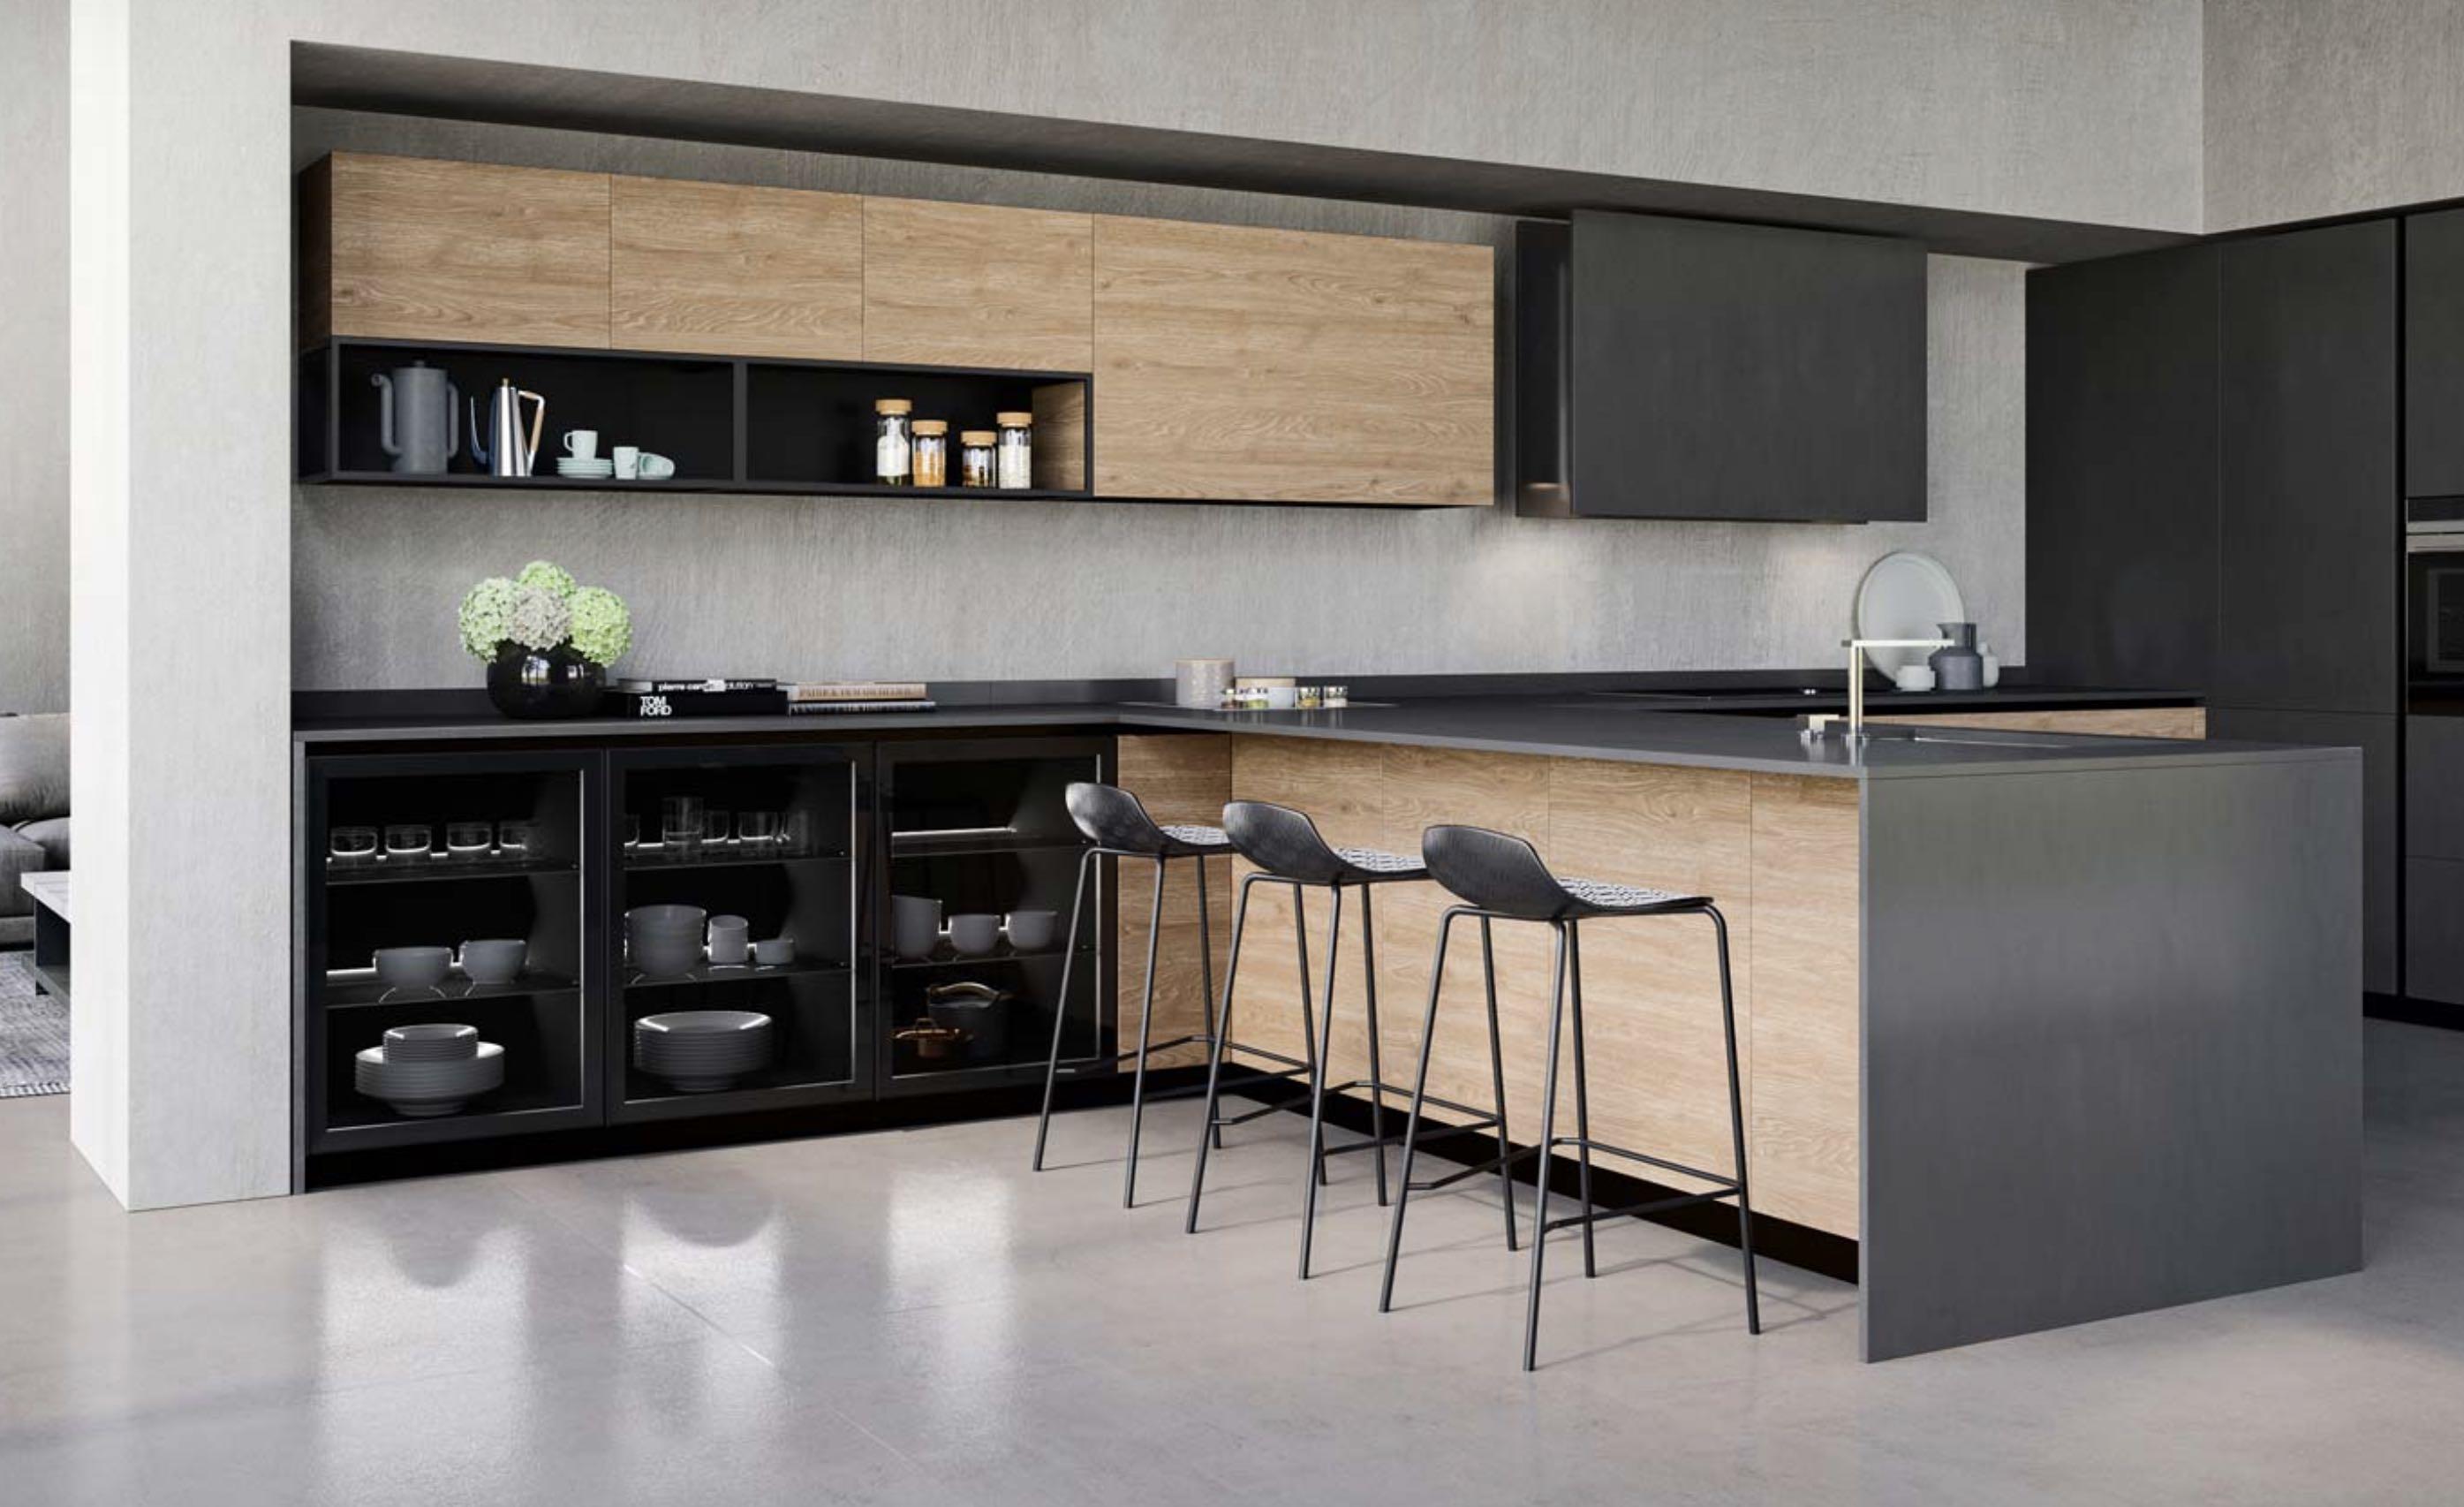 Comprex & Armony cuisine La Garenne-Colombes 92 - Réaliser un espace bar dans sa cuisine